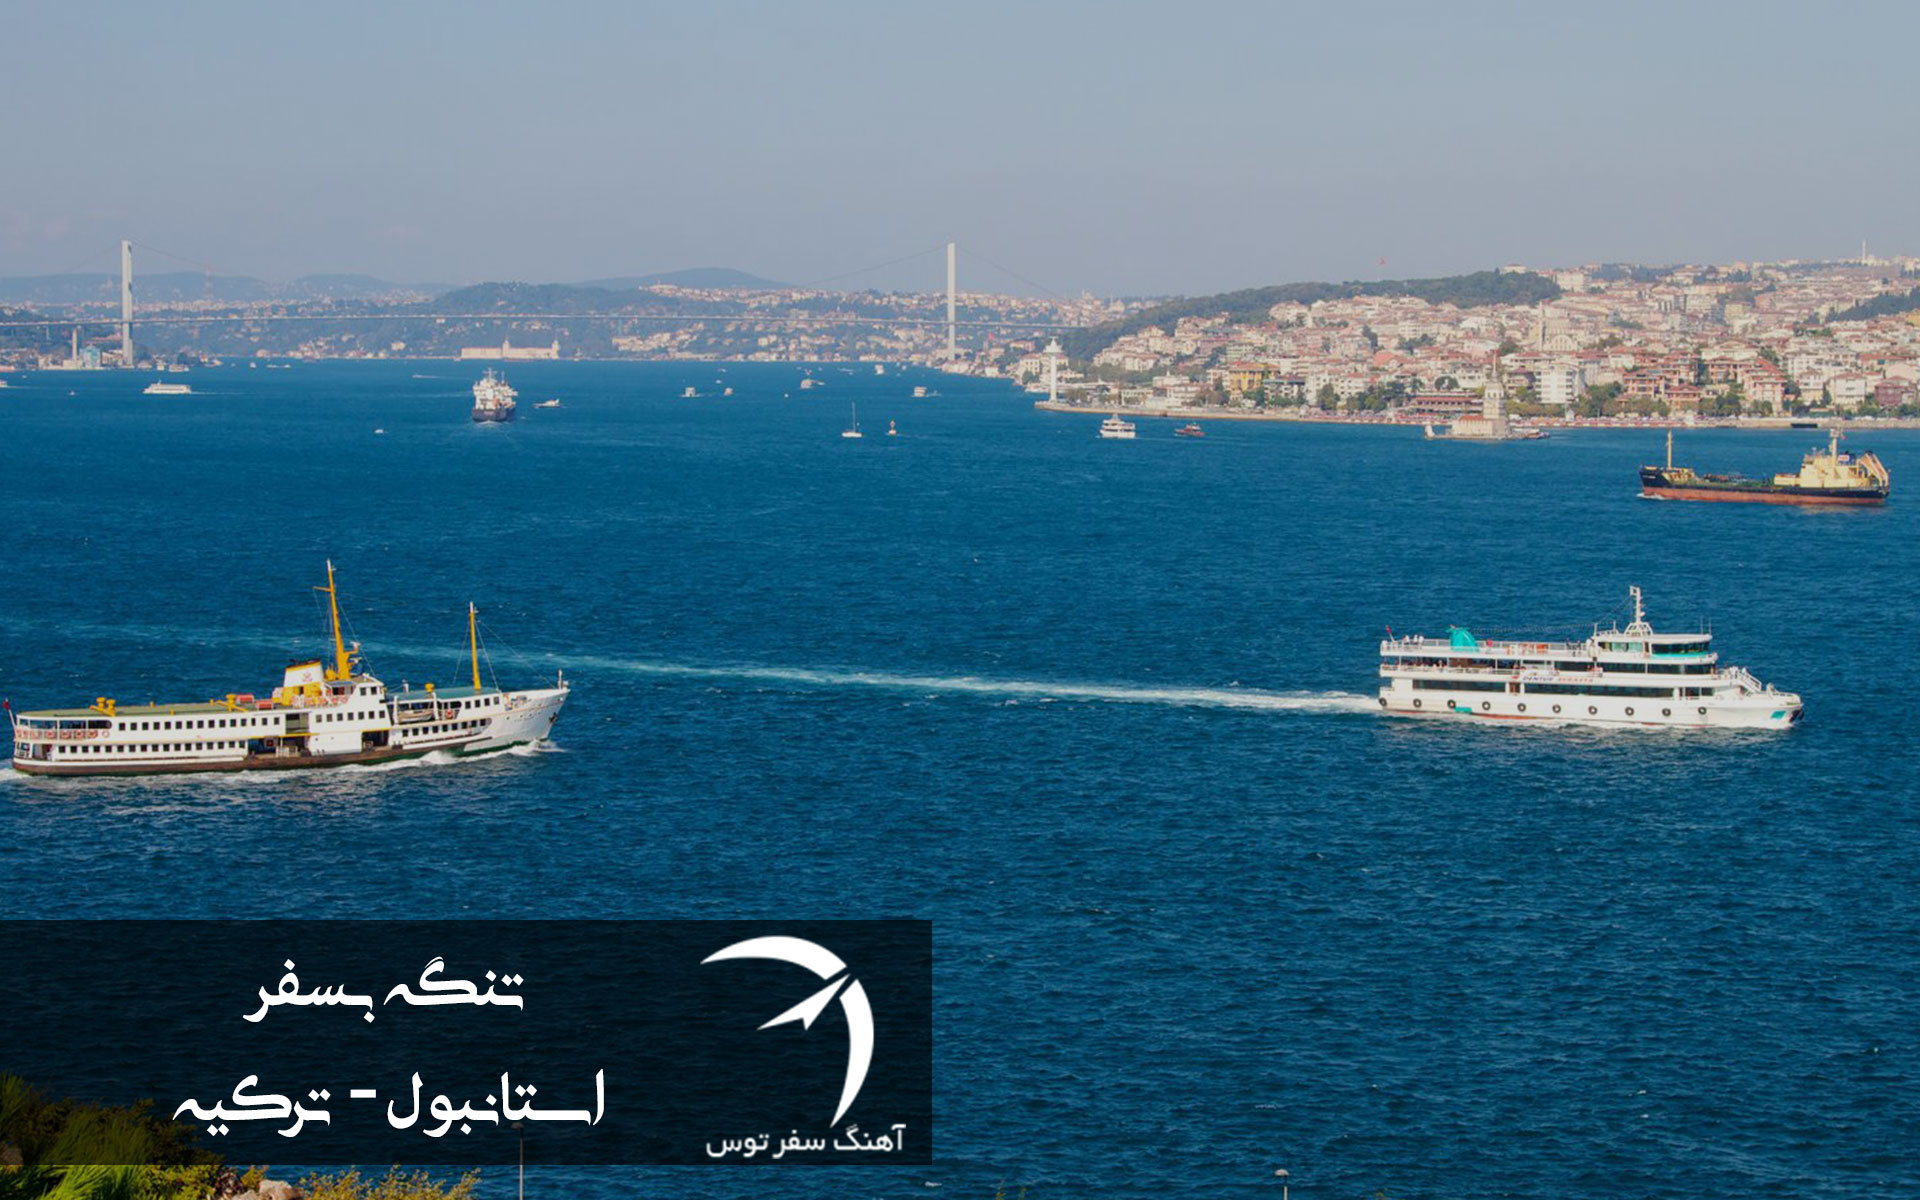 تنگه بسفر ( Bosporus )